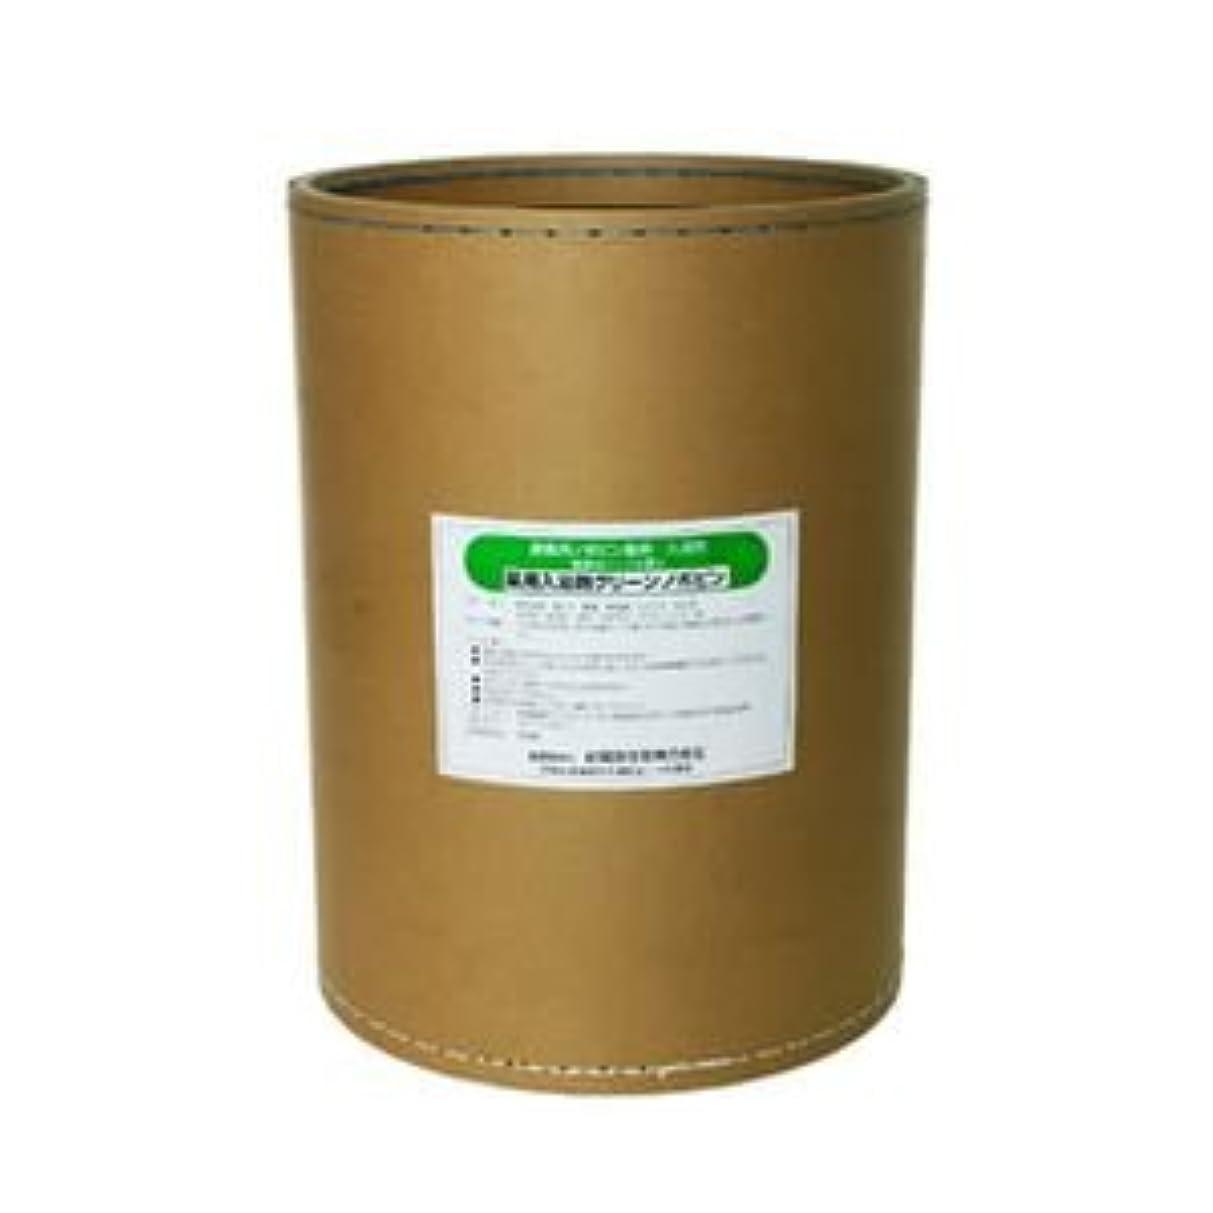 根拠パースブラックボロウ肺業務用入浴剤 グリーンノボピン 18kg